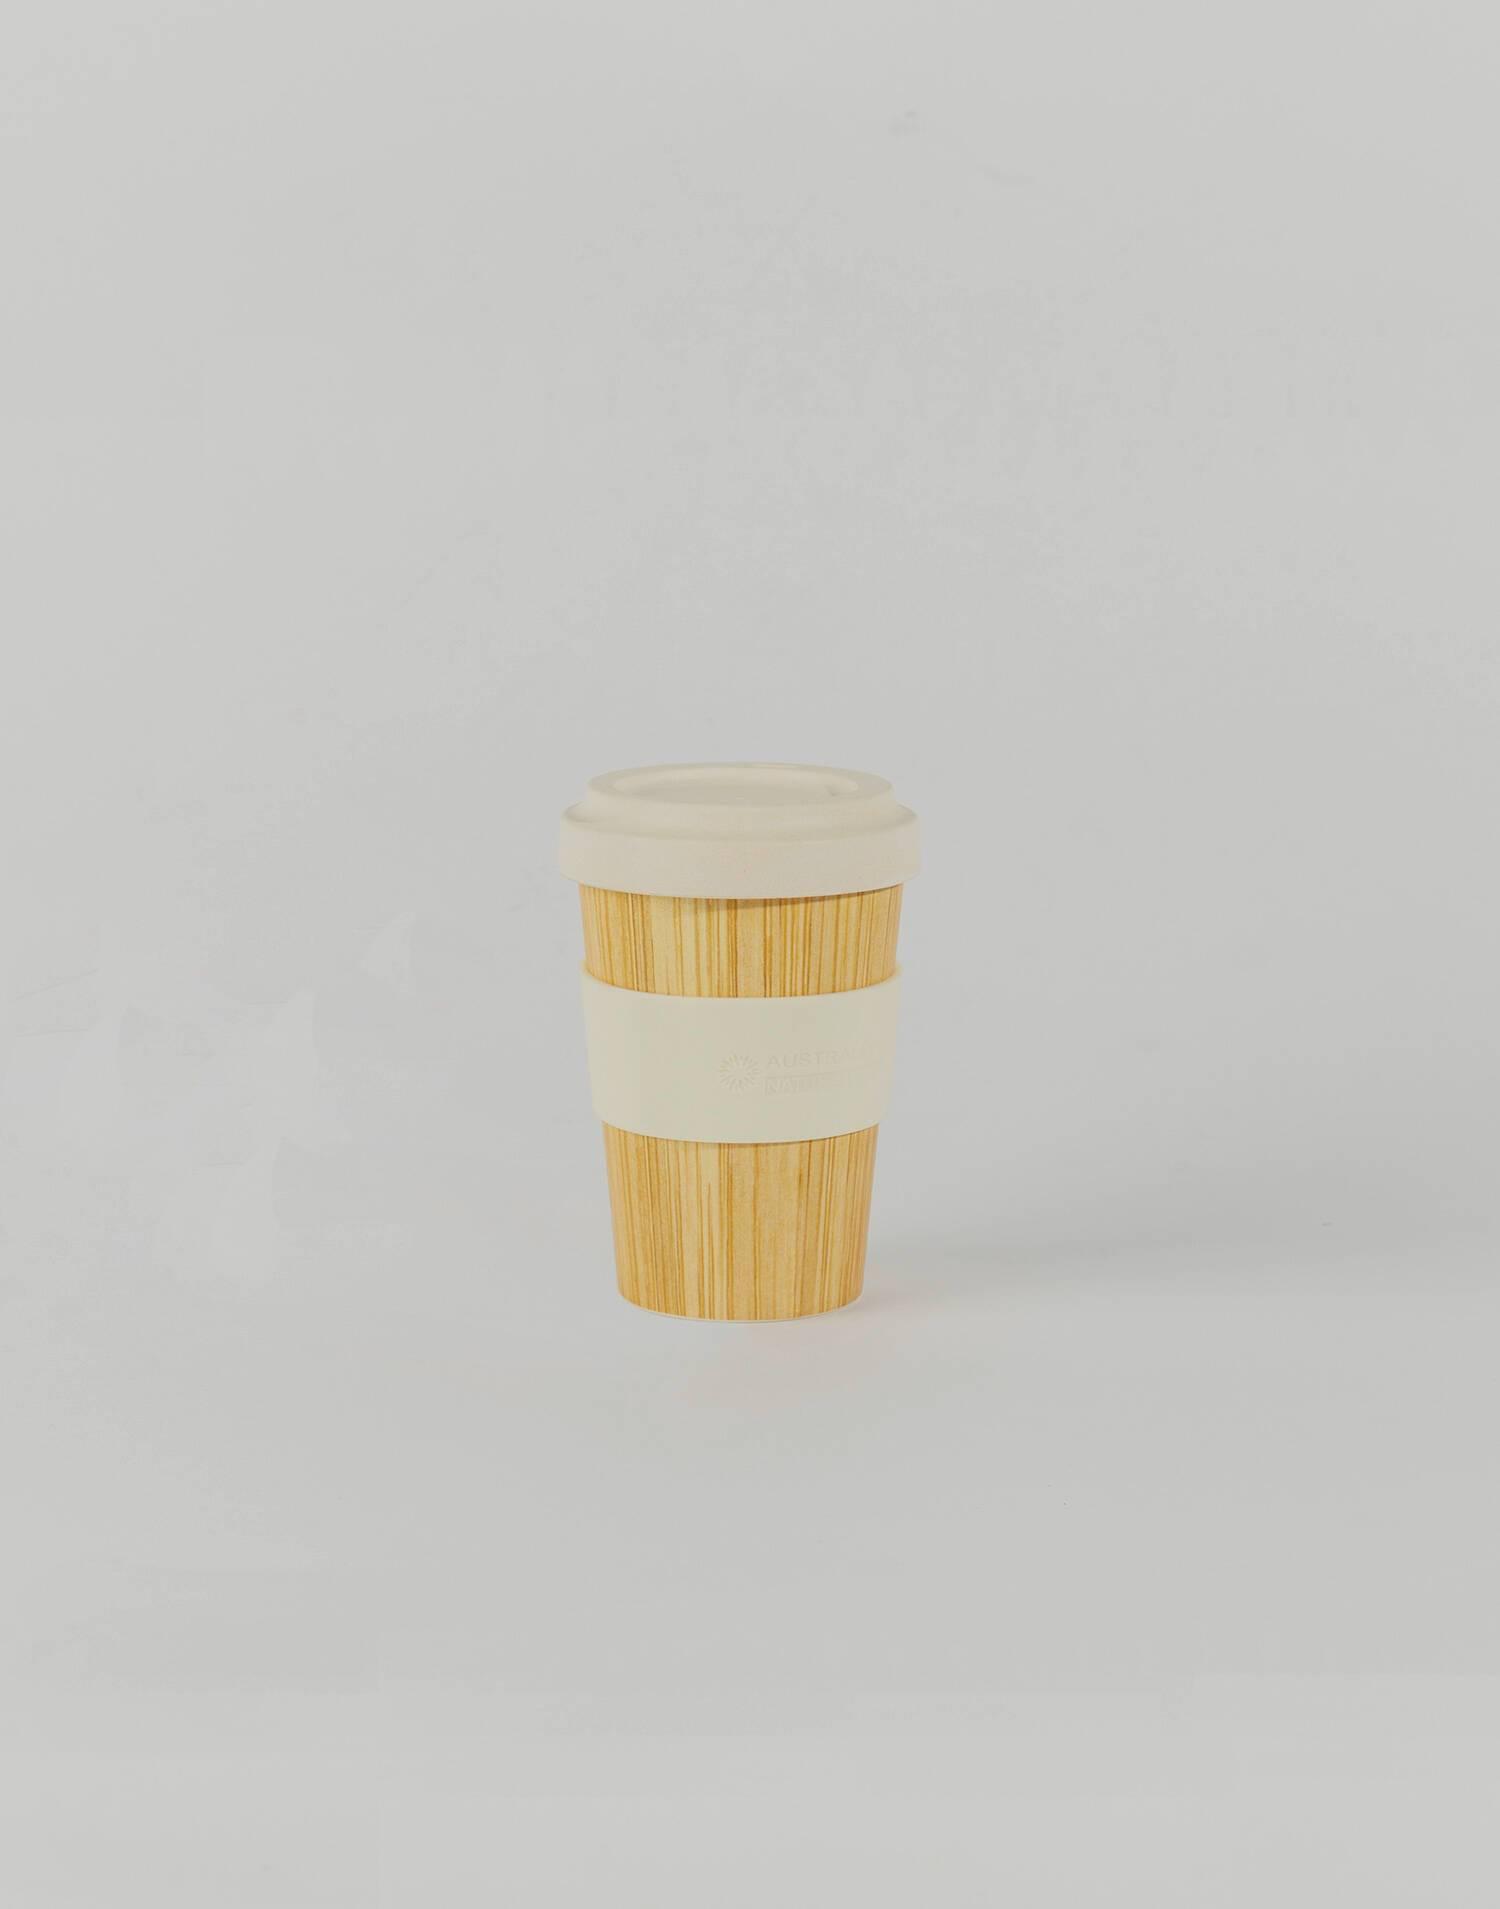 Vaso bamboo con tapa